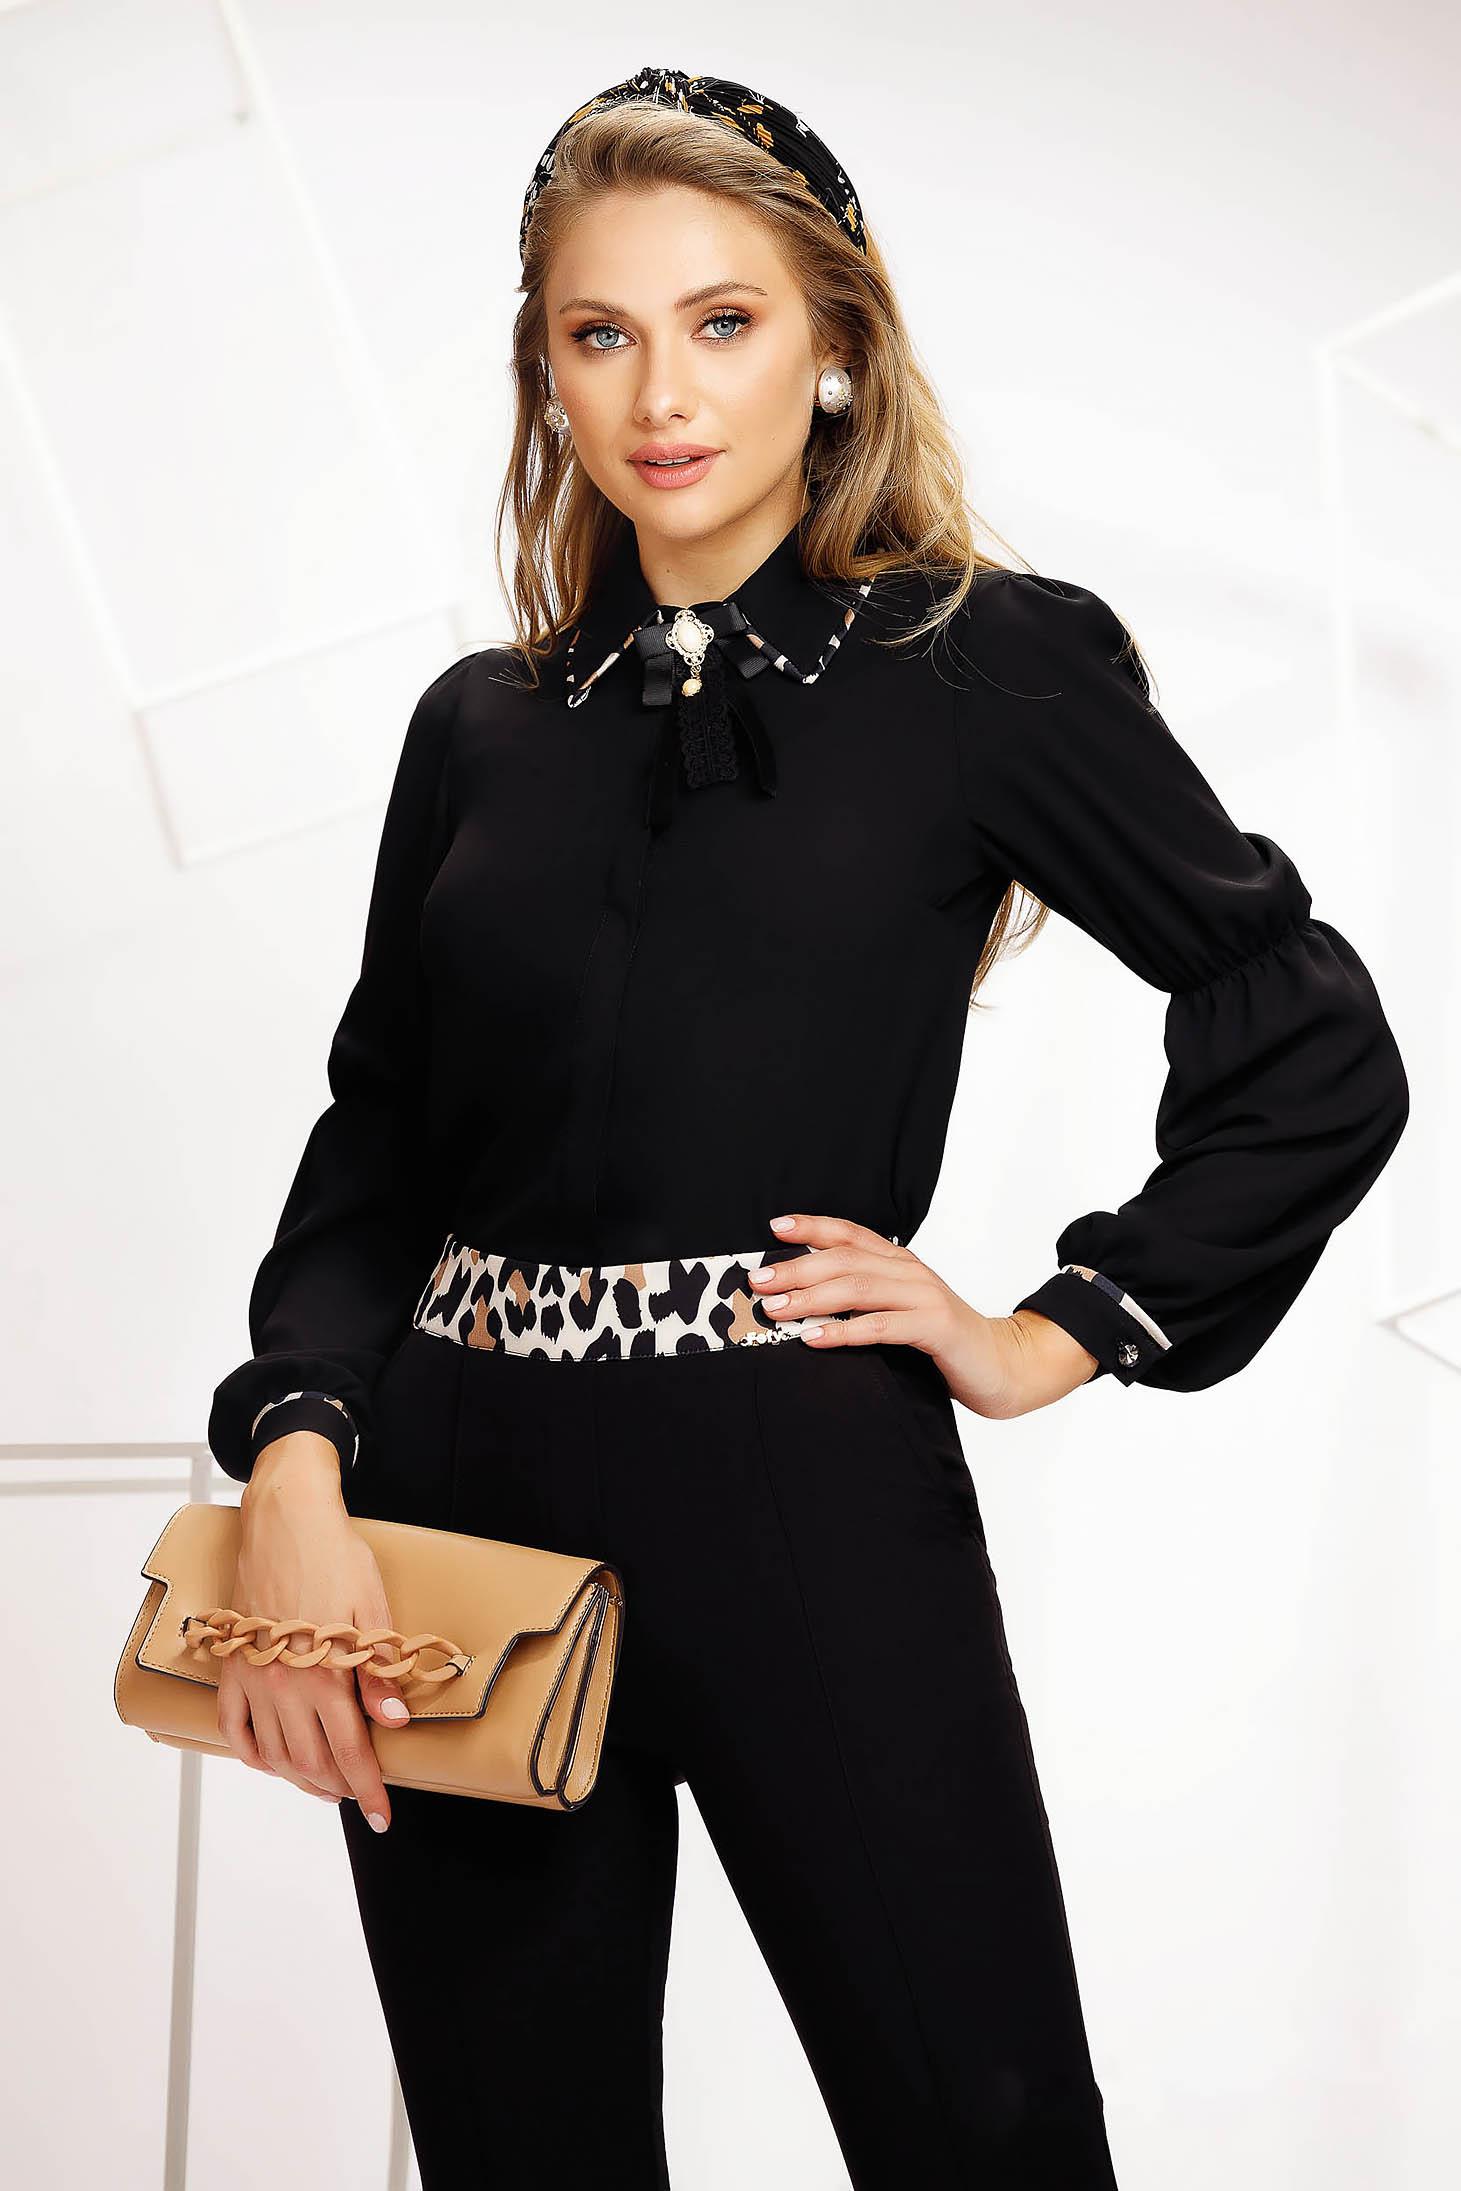 Fekete női blúz irodai egyenes szabású merevitett anyag állatmintás bross kiegészítővel